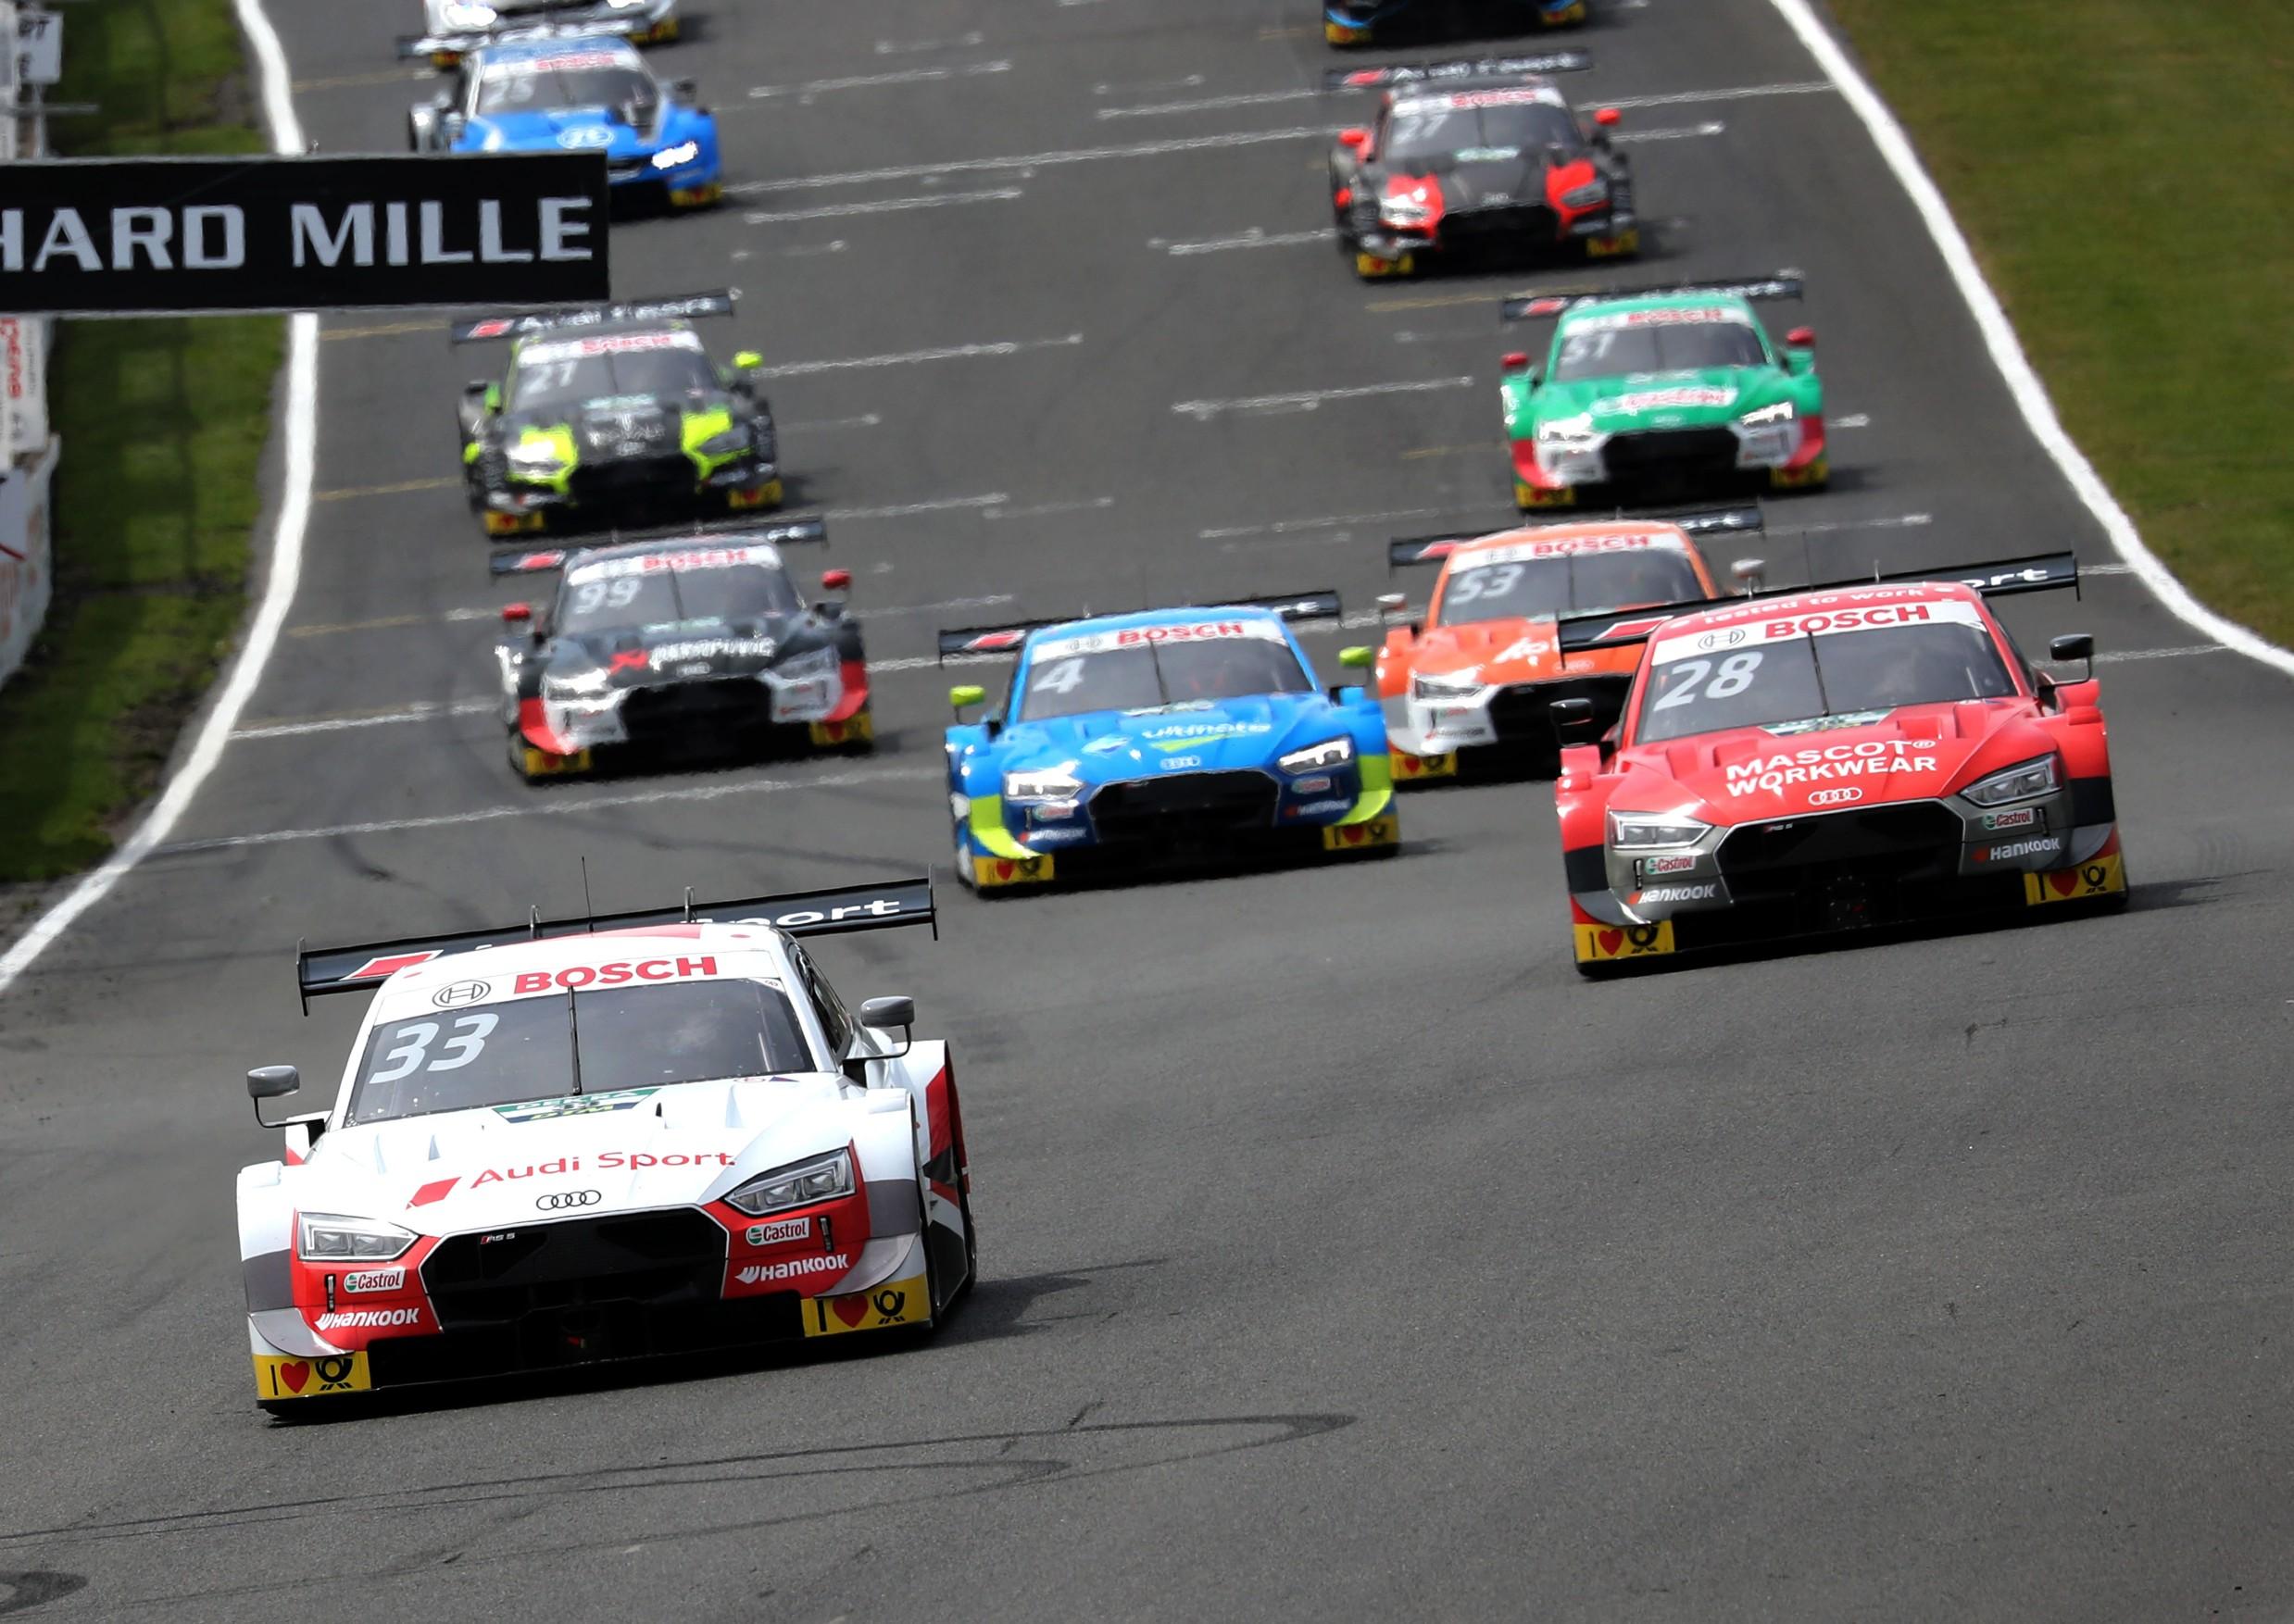 Audi rearma su estrategia en las carreras de autos